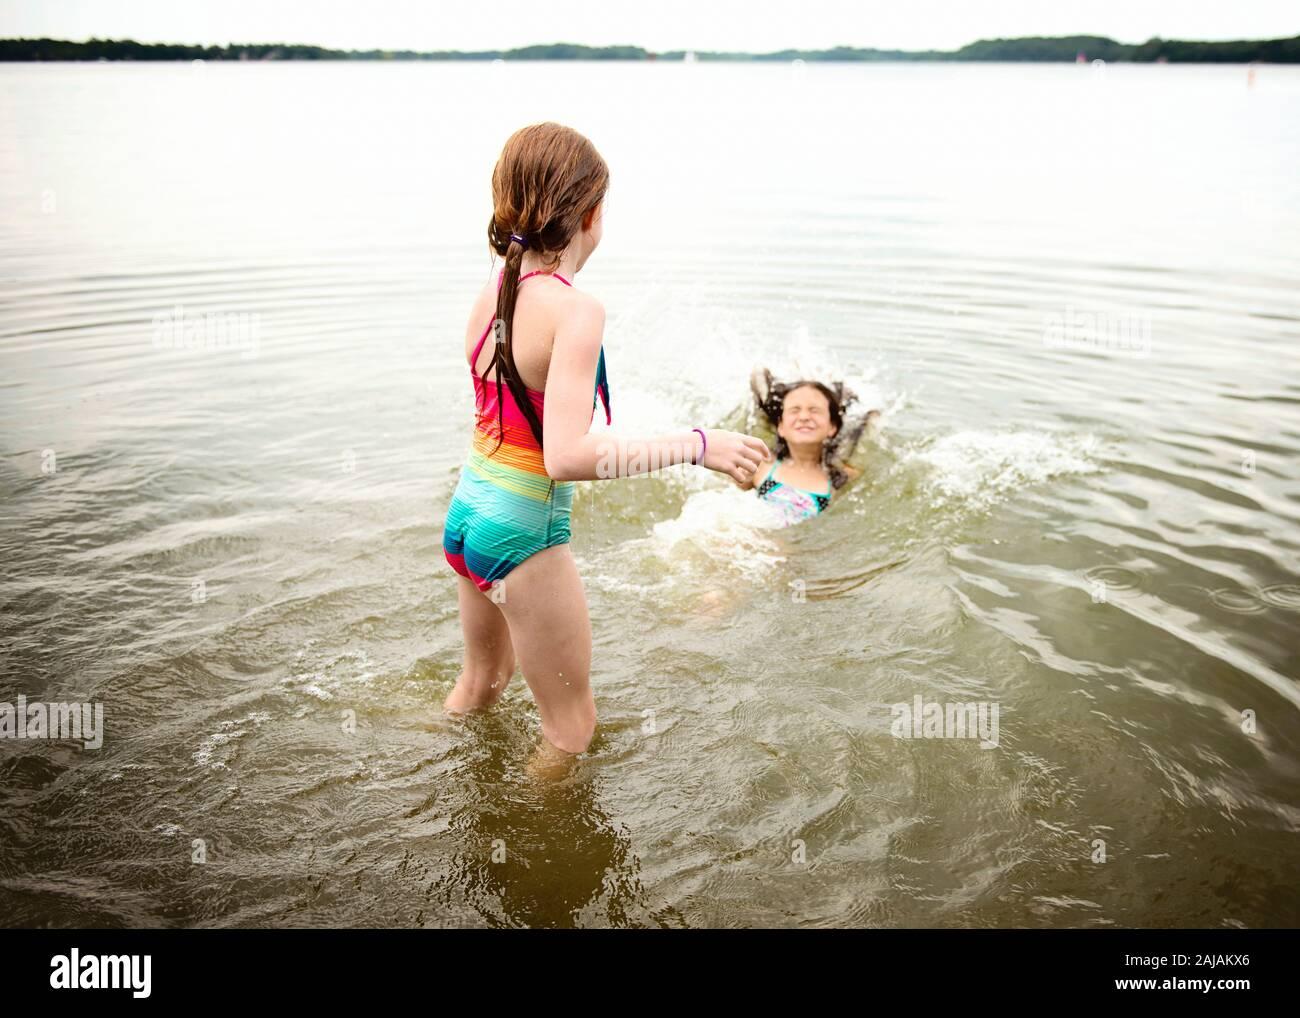 Due giovani ragazze in costume da bagno che giocano in un lago Foto Stock